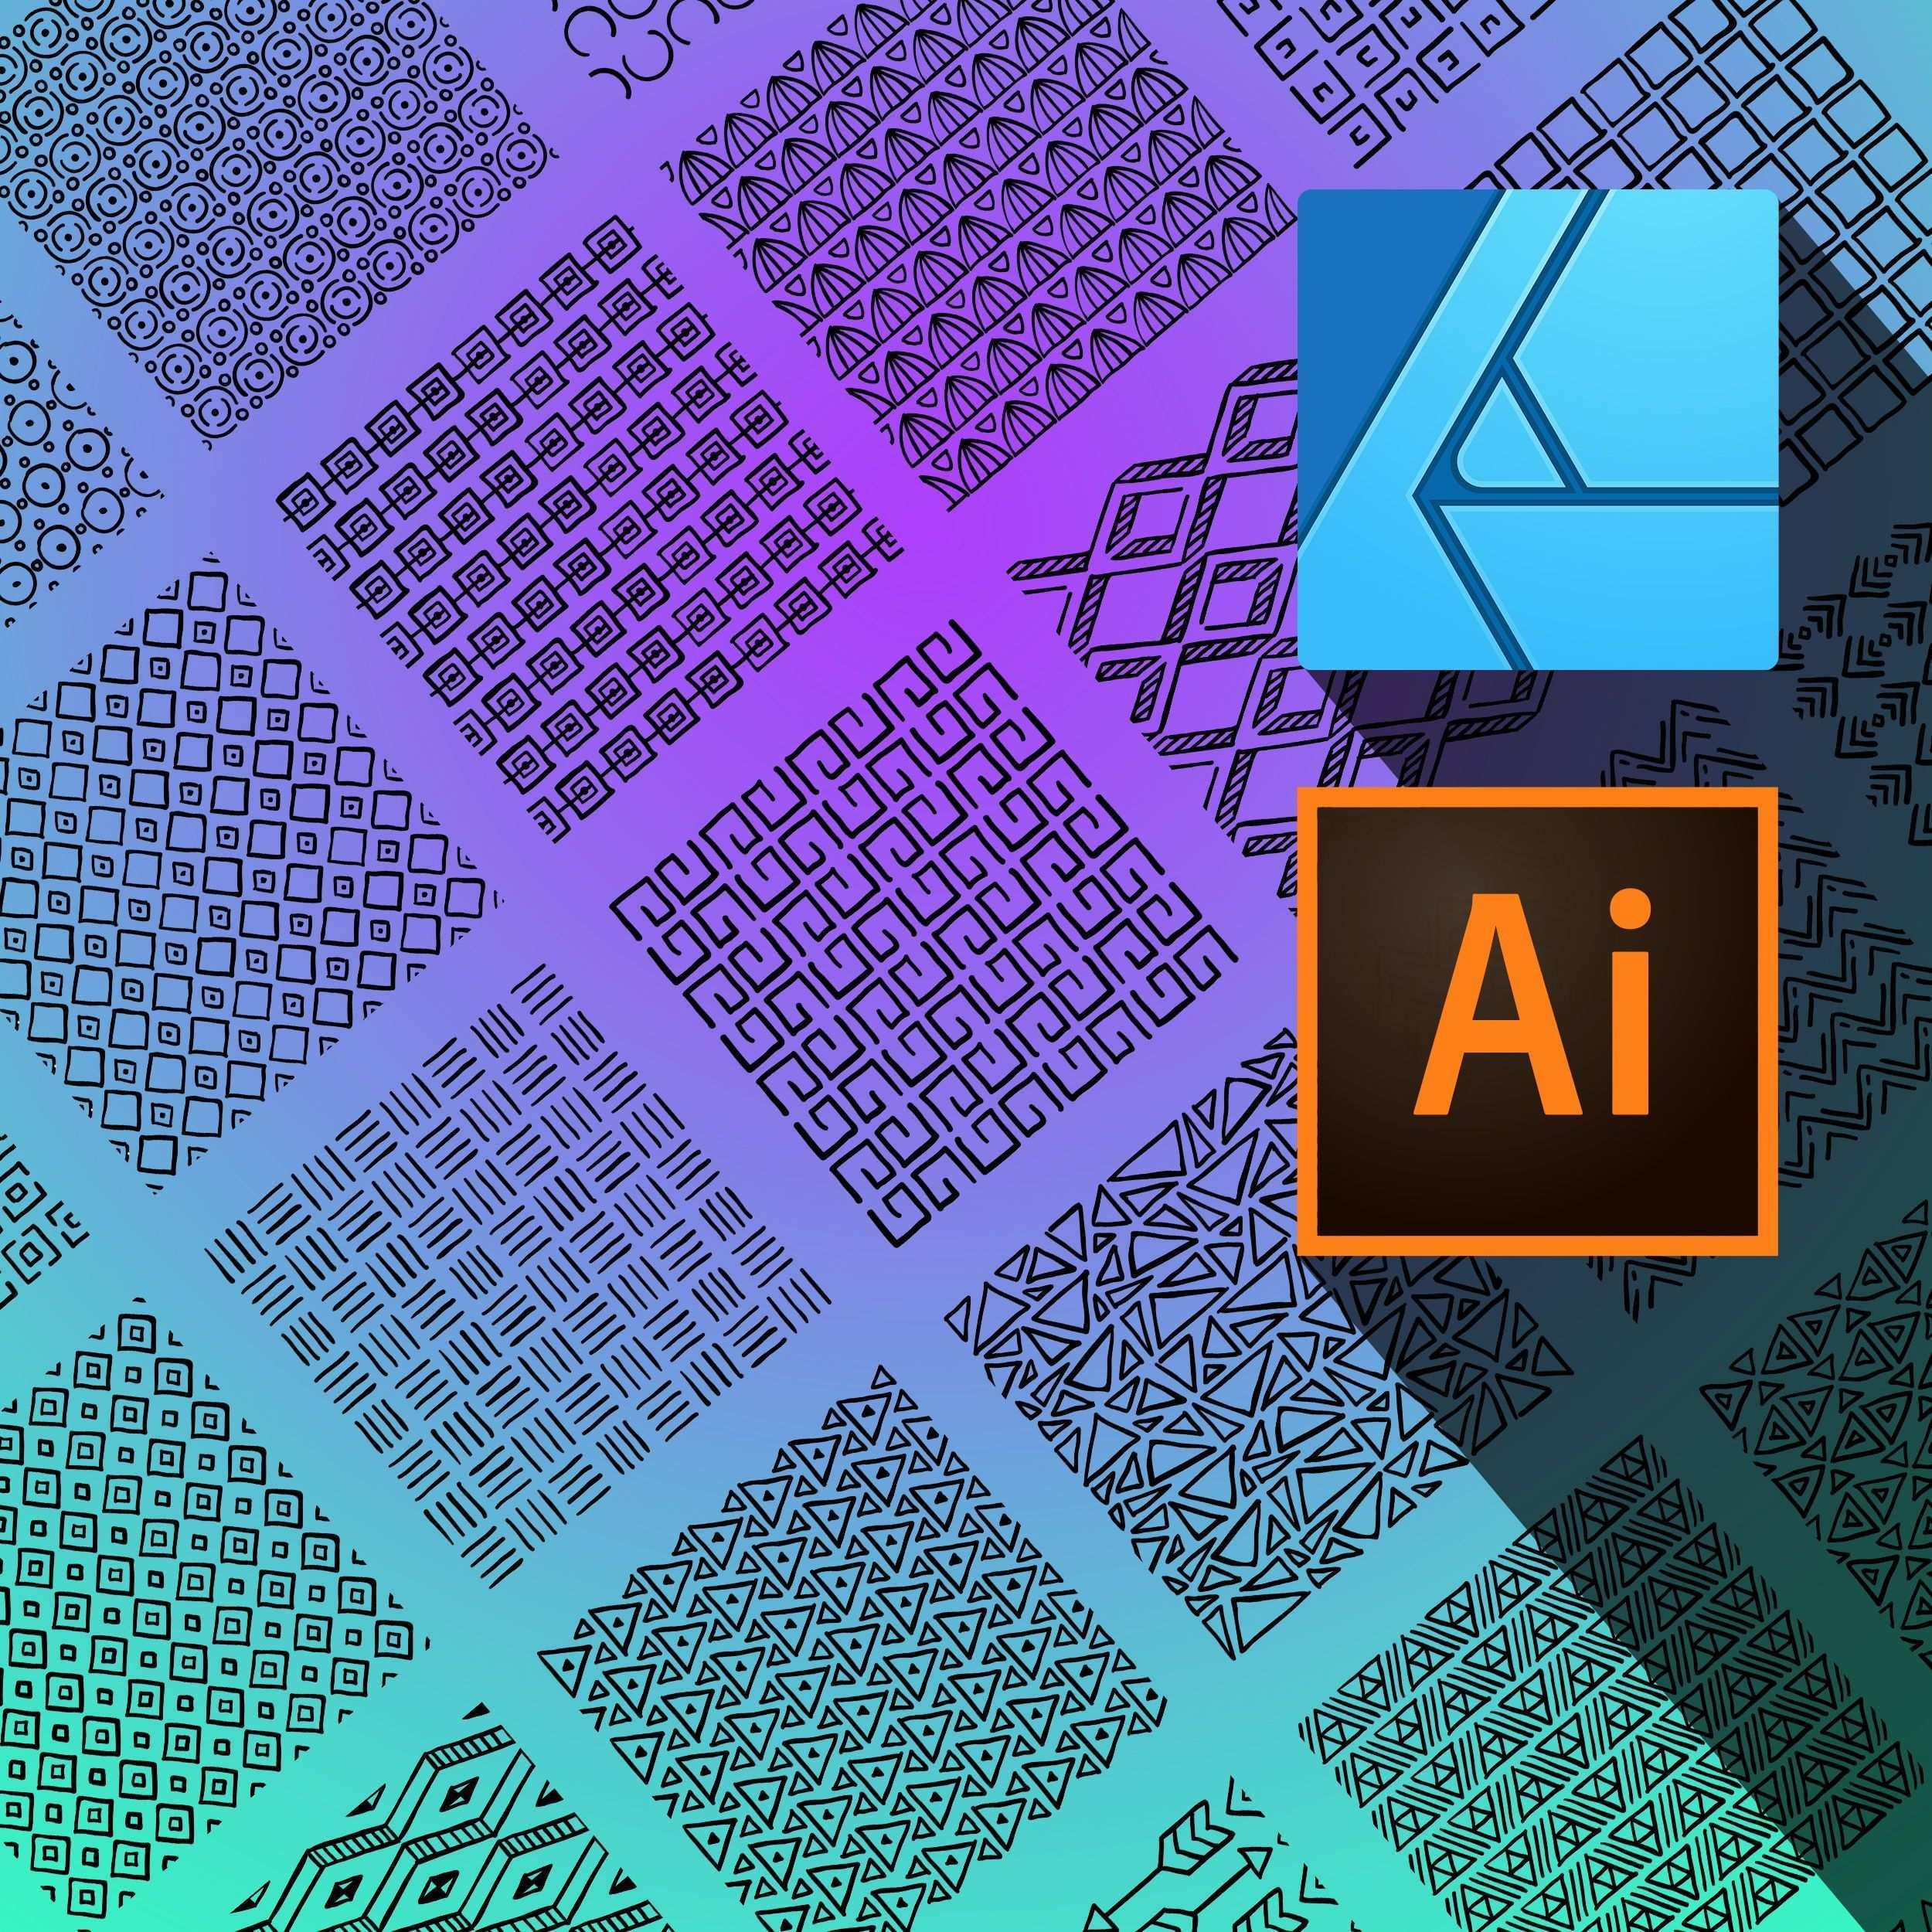 Ornamente Vektor Muster Fur Adobe Illustrator Und Affinity Designer Adobe Illustrator Vektor Muster Illustrator